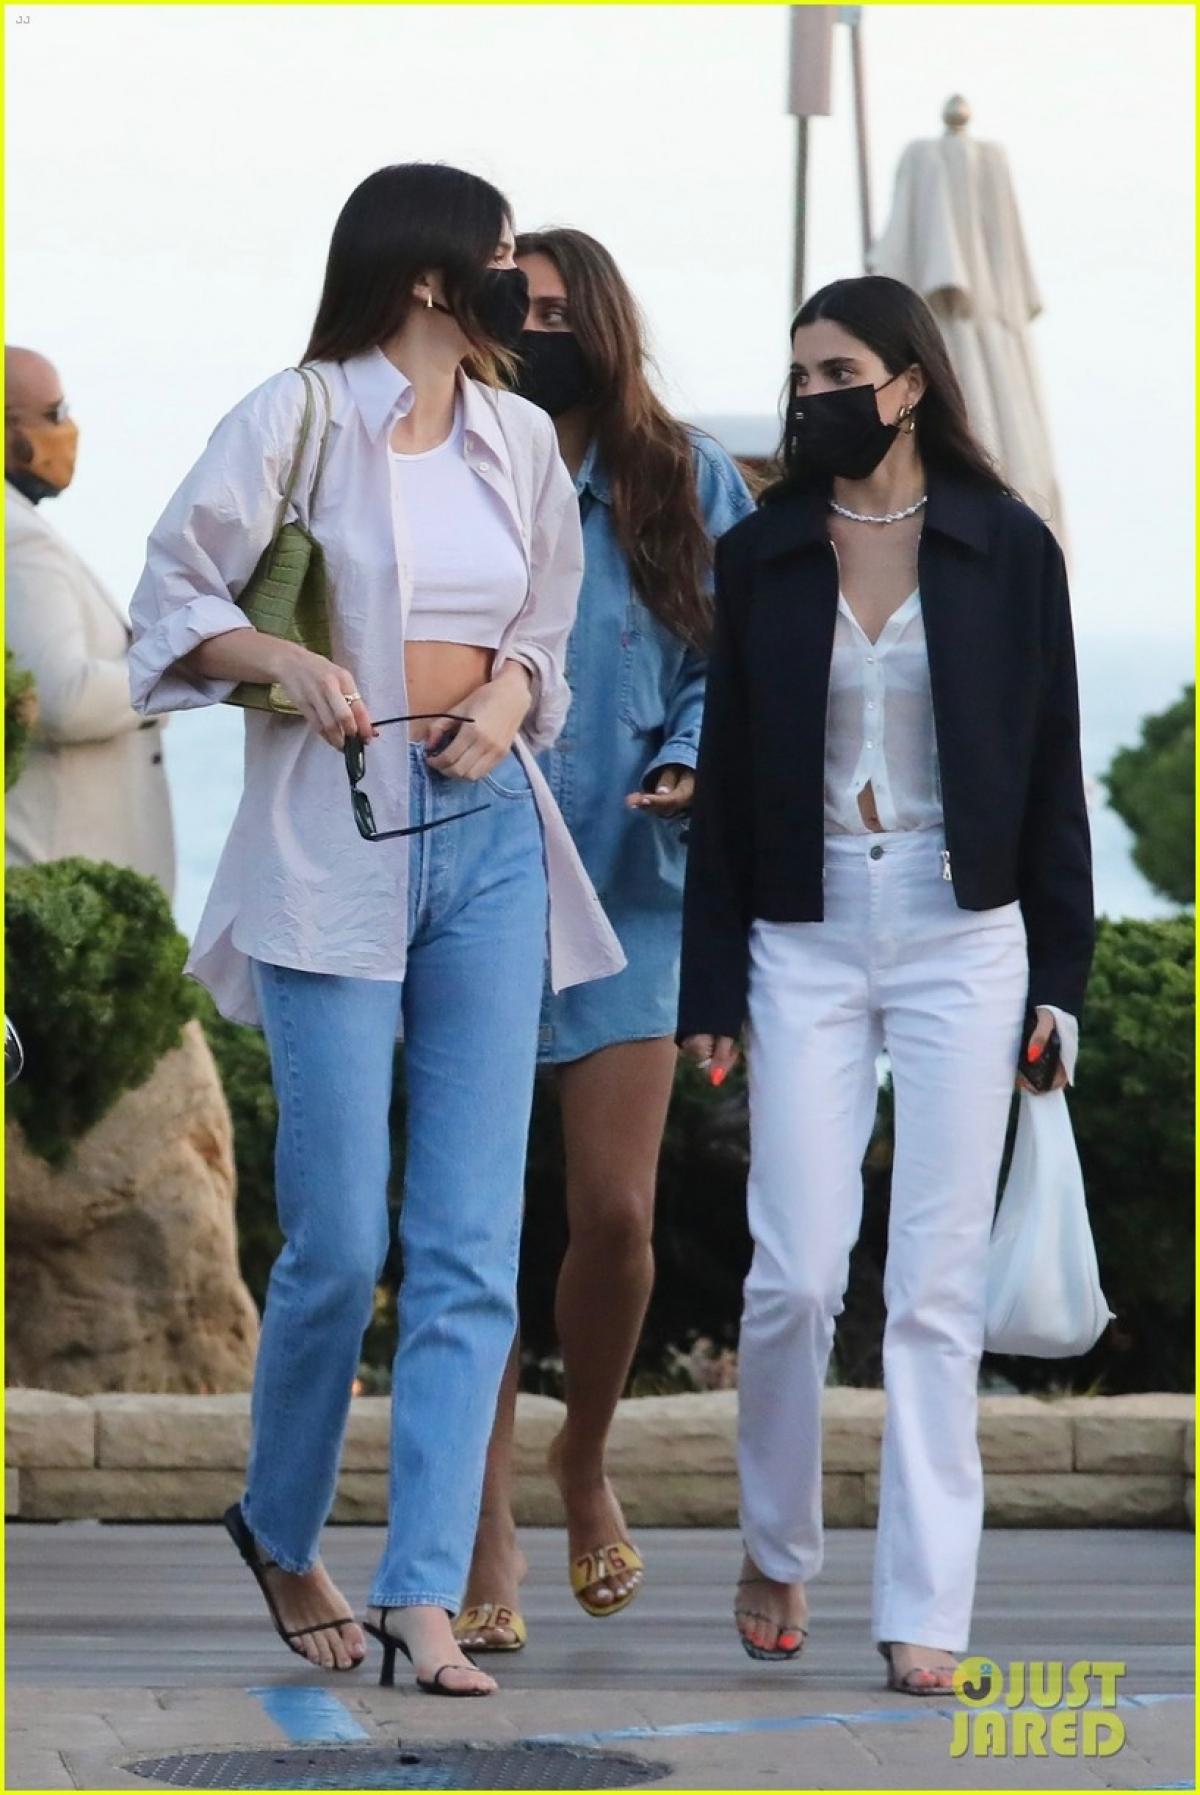 Kendall Jenner hiện đang có sự nghiệp vững chắc và tình yêu đẹp.